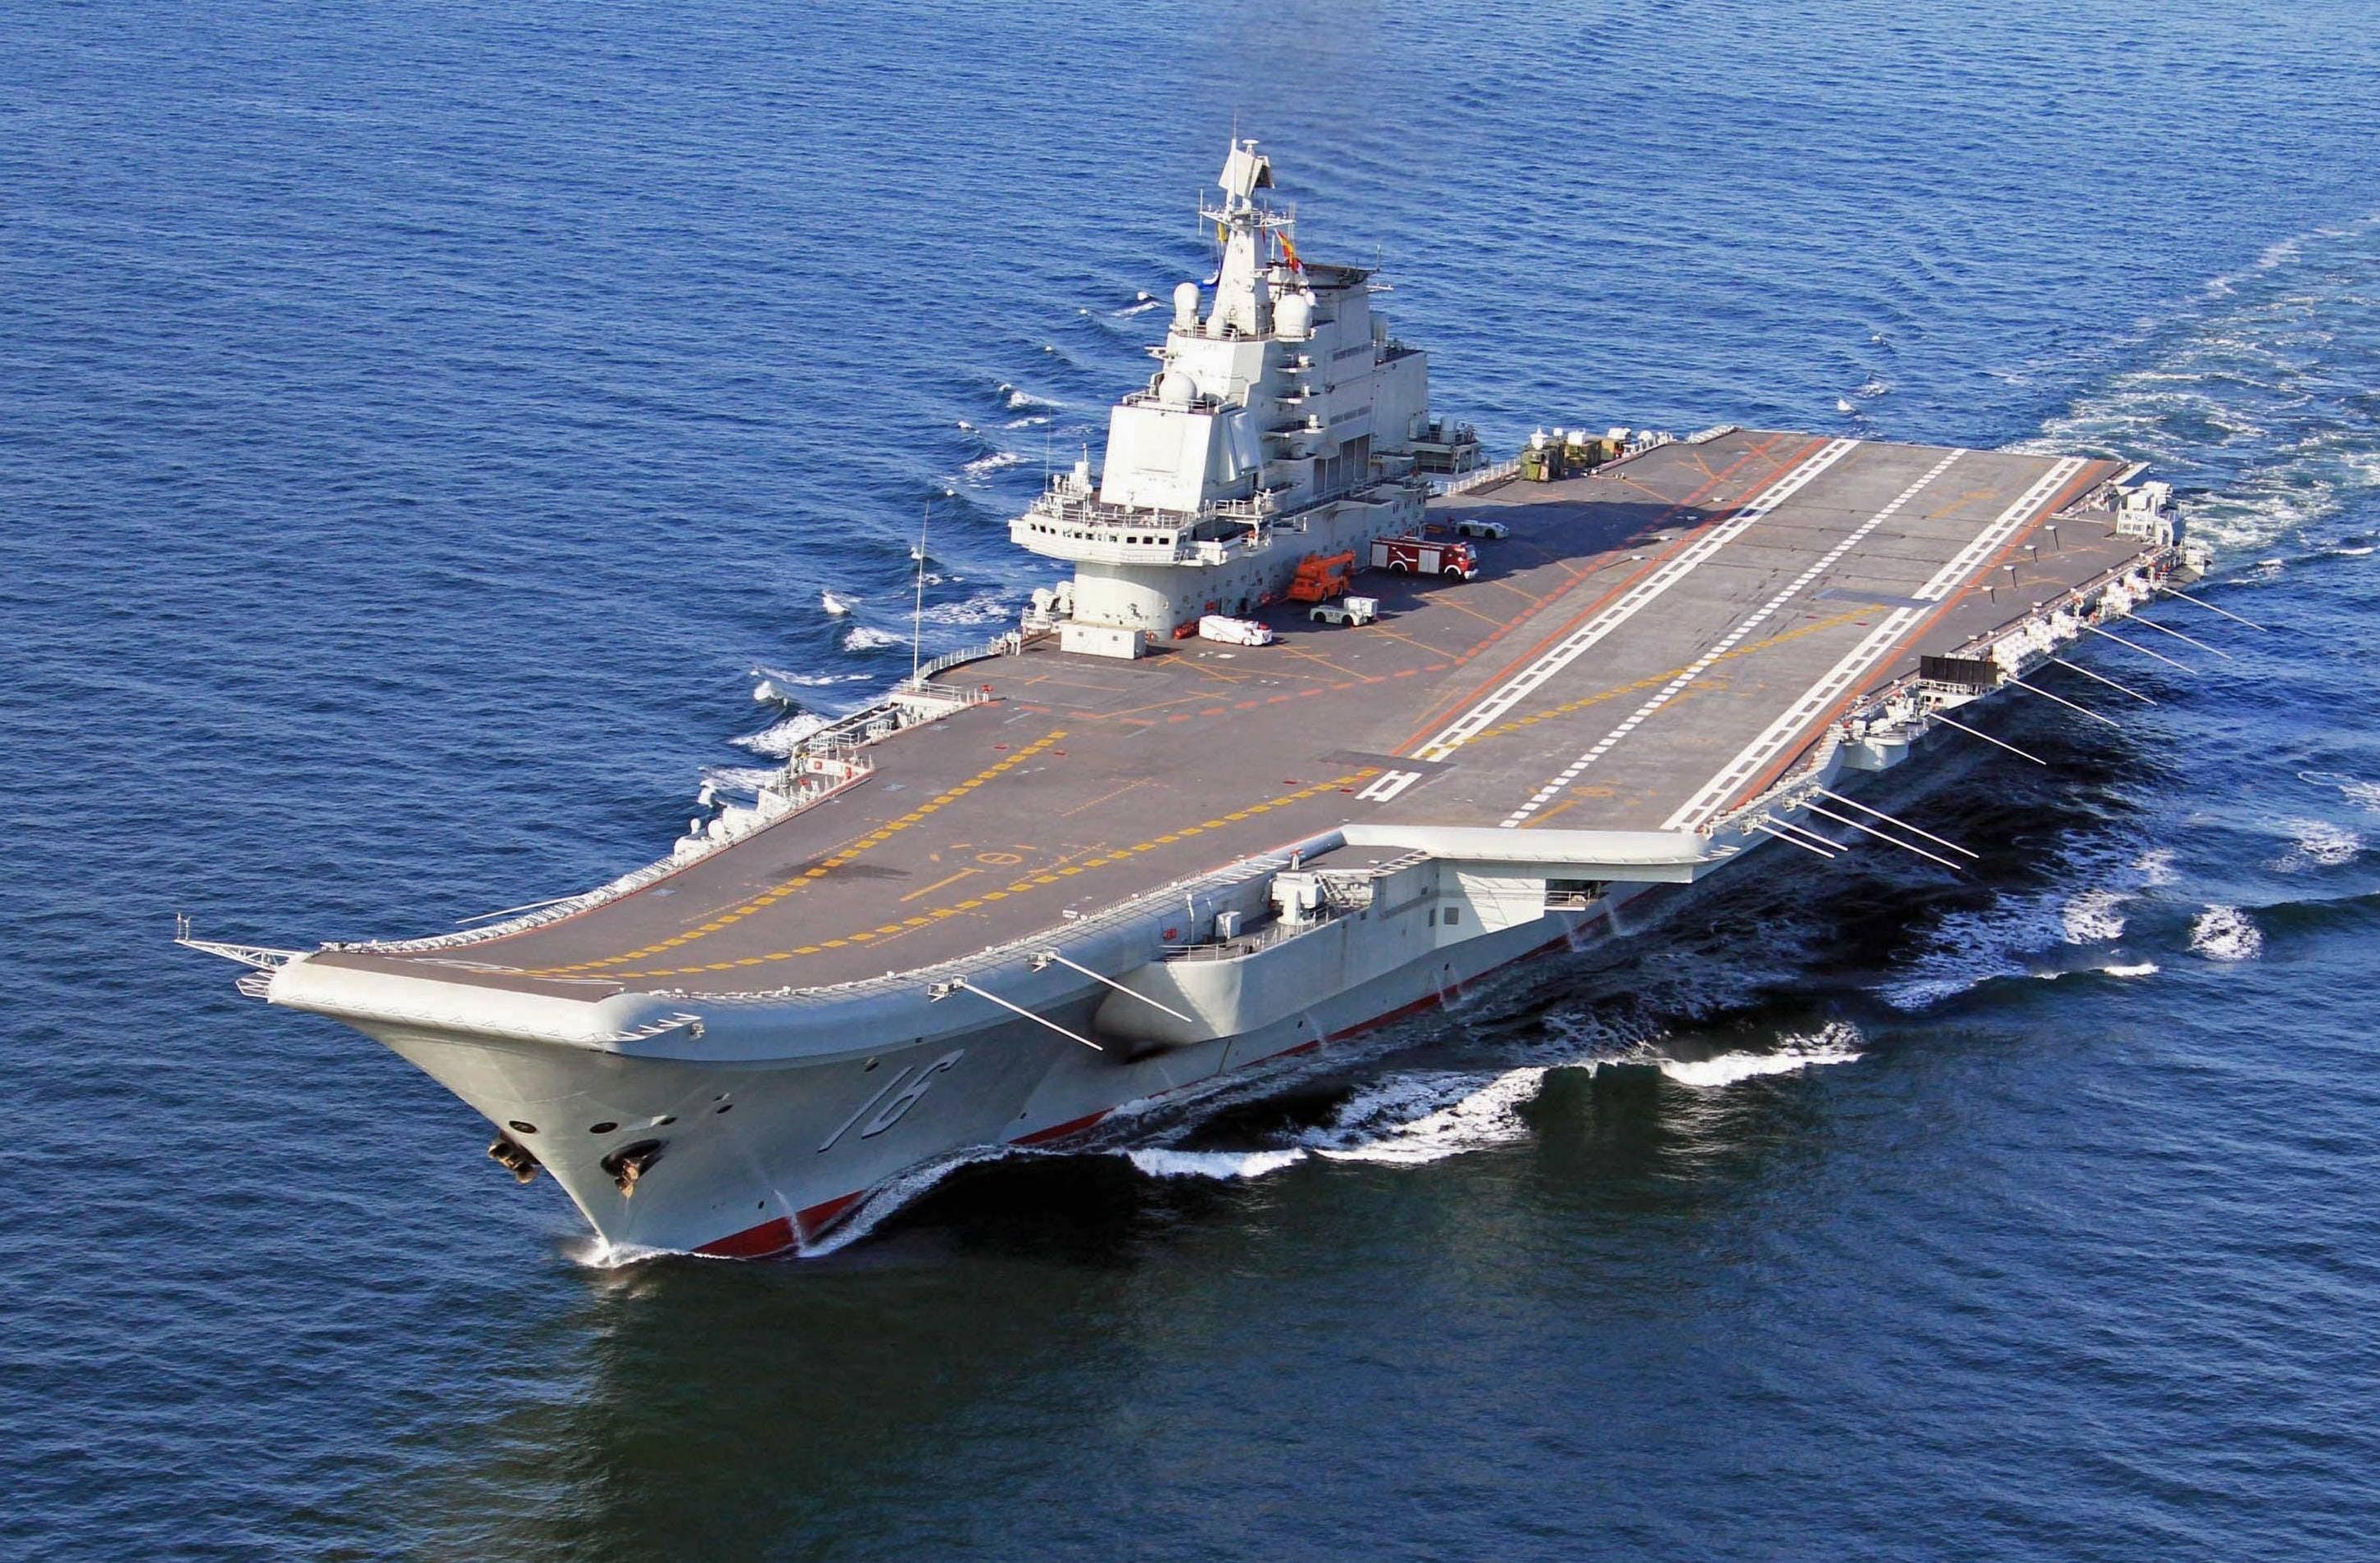 Китай готовится к строительству самого большого авианосца в мире